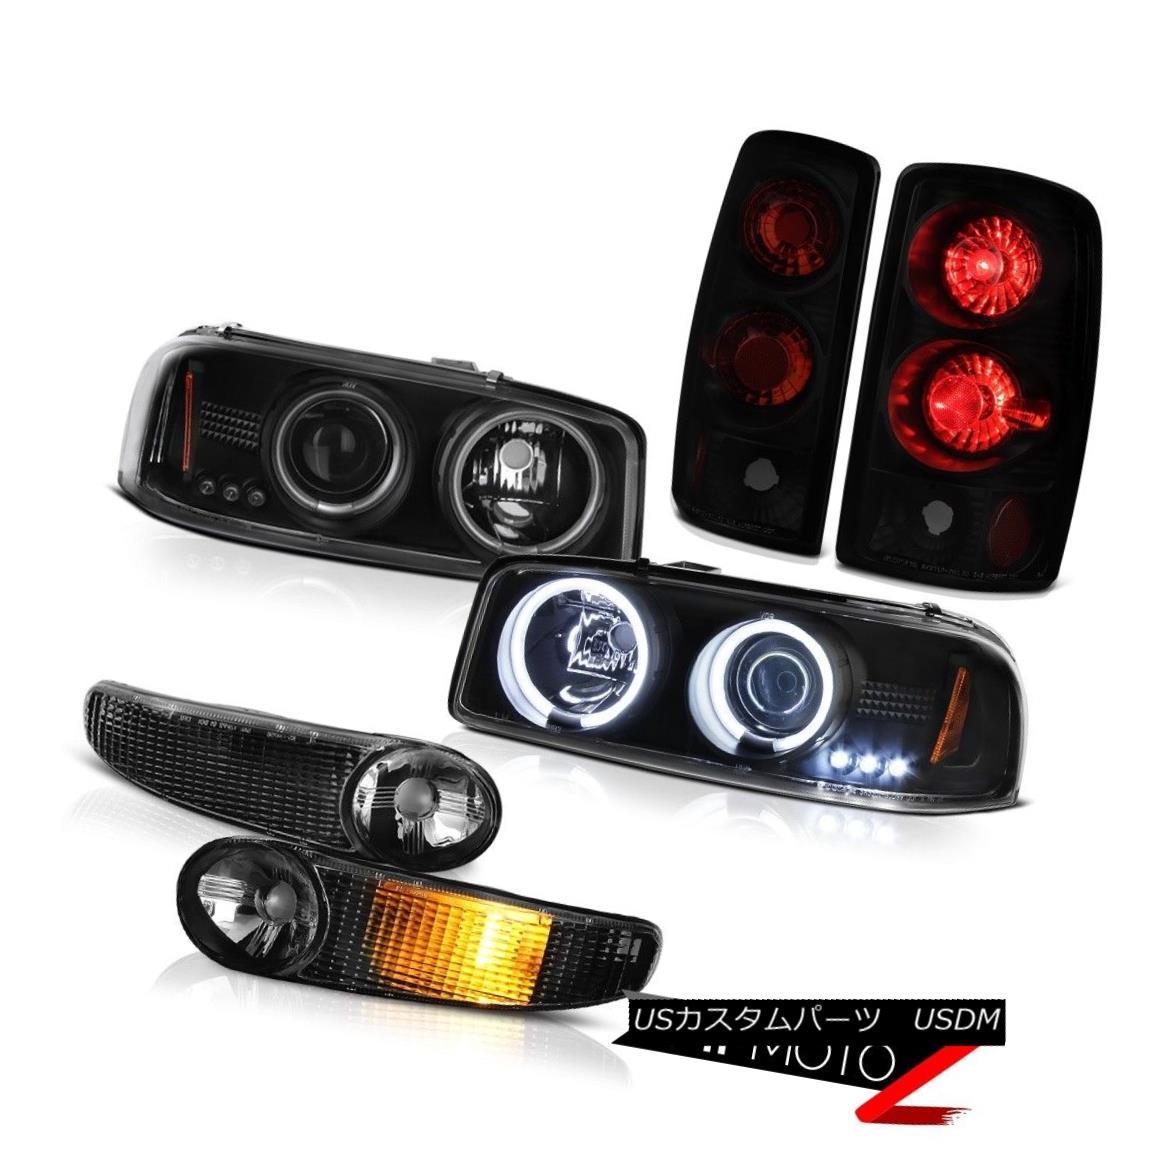 ヘッドライト Halo Headlights CCFL Signal Bumper Signal Rear Brake Tail Lights 2000-2006 Yukon HaloヘッドライトCCFL信号バンパーシグナルリアブレーキテールライト2000-2006 Yukon